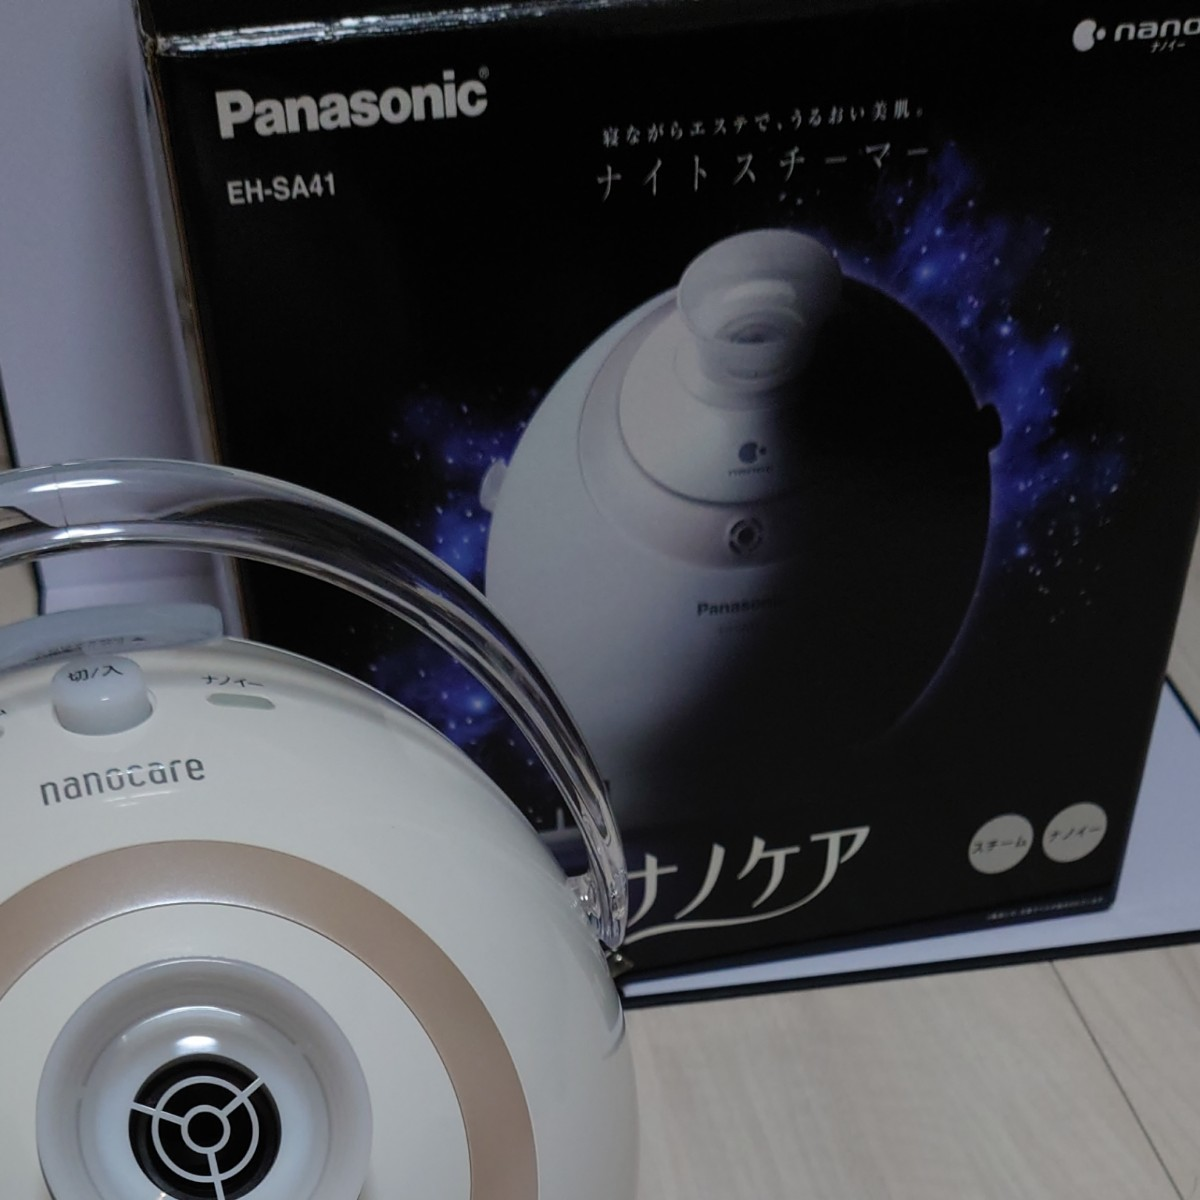 パナソニック ナノスチーマーナノケア Panasonic EH-SA41-N